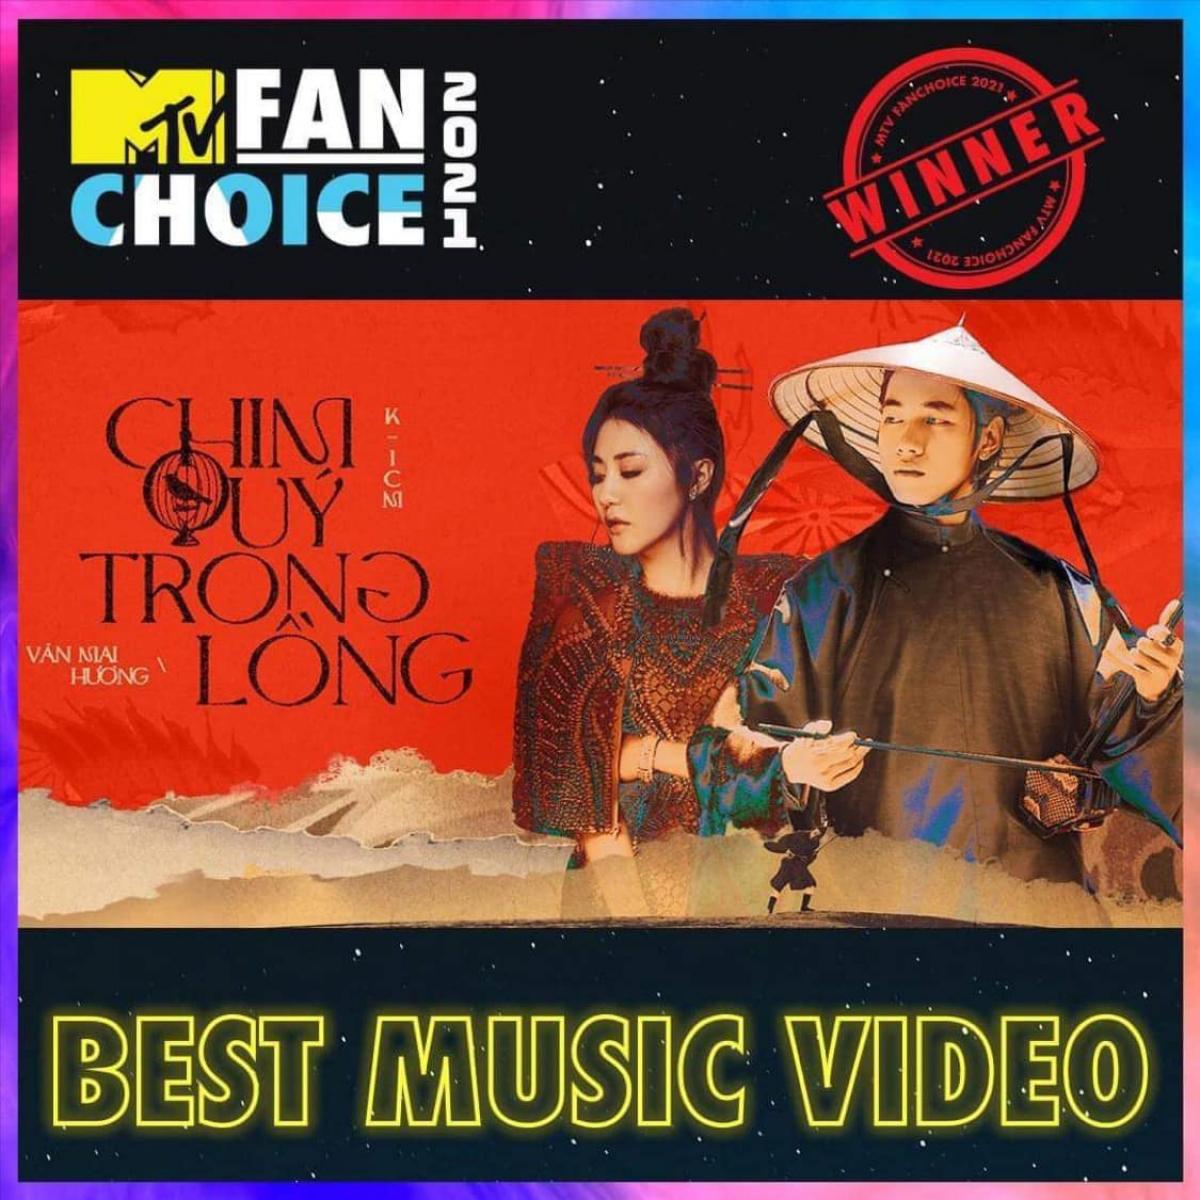 """""""Chim quý trong lồng"""" chiến thắng tại hạng mục """"Best Music Video - Sản phẩm âm nhạc hay nhất"""" trong cuộc bình chọn của chiến dịch MTV FAN CHOICE 2021."""